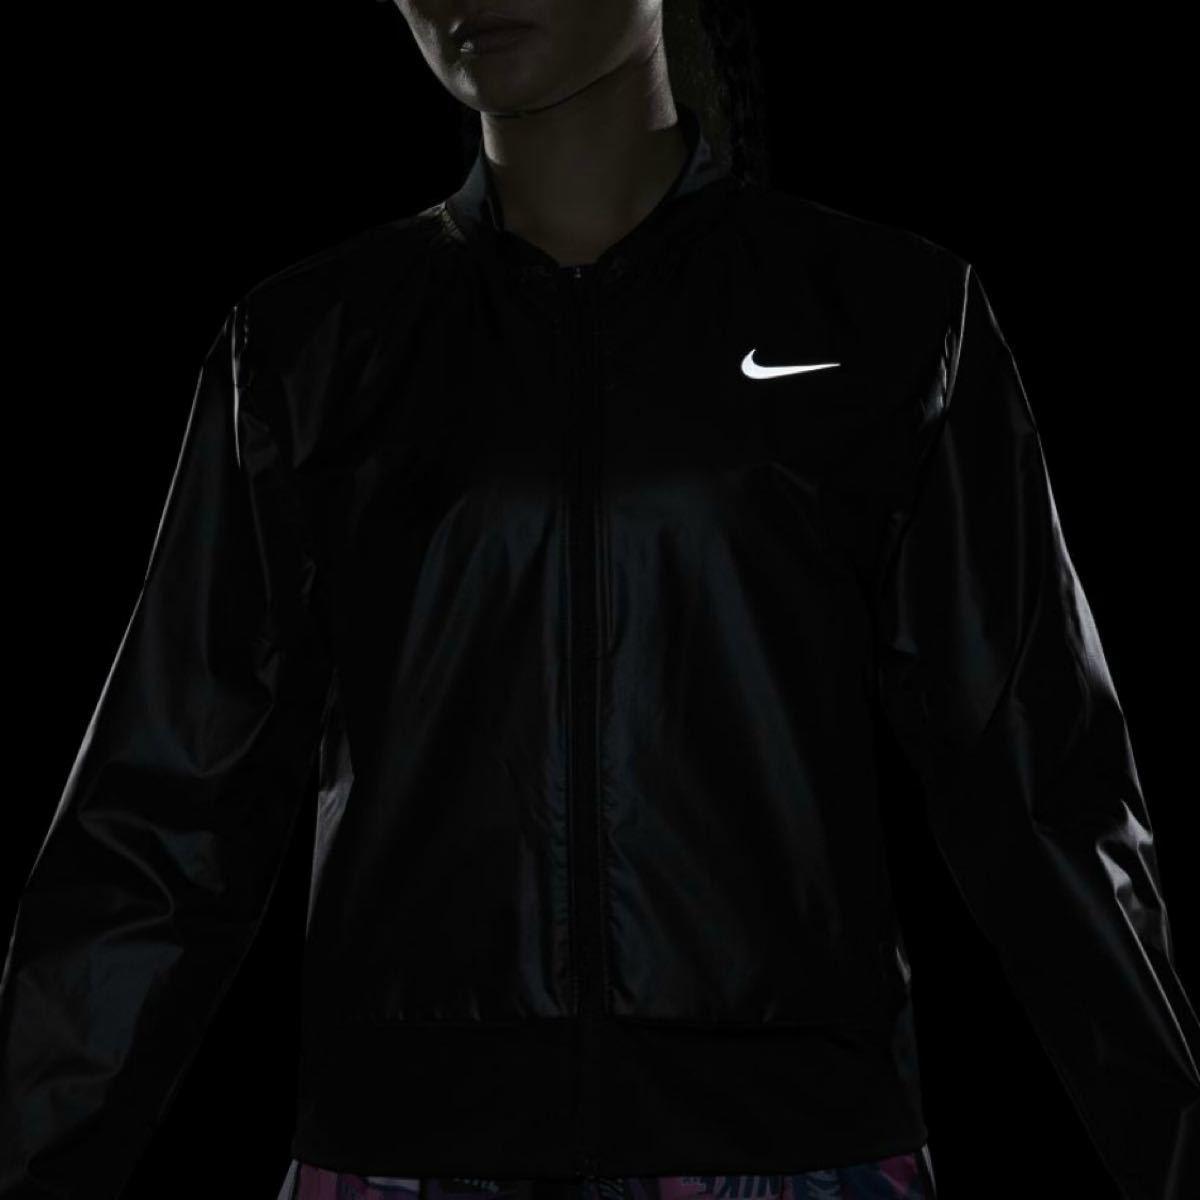 Nike ナイキ JDI ランニング ジャケット ブラック M ジム ランニング